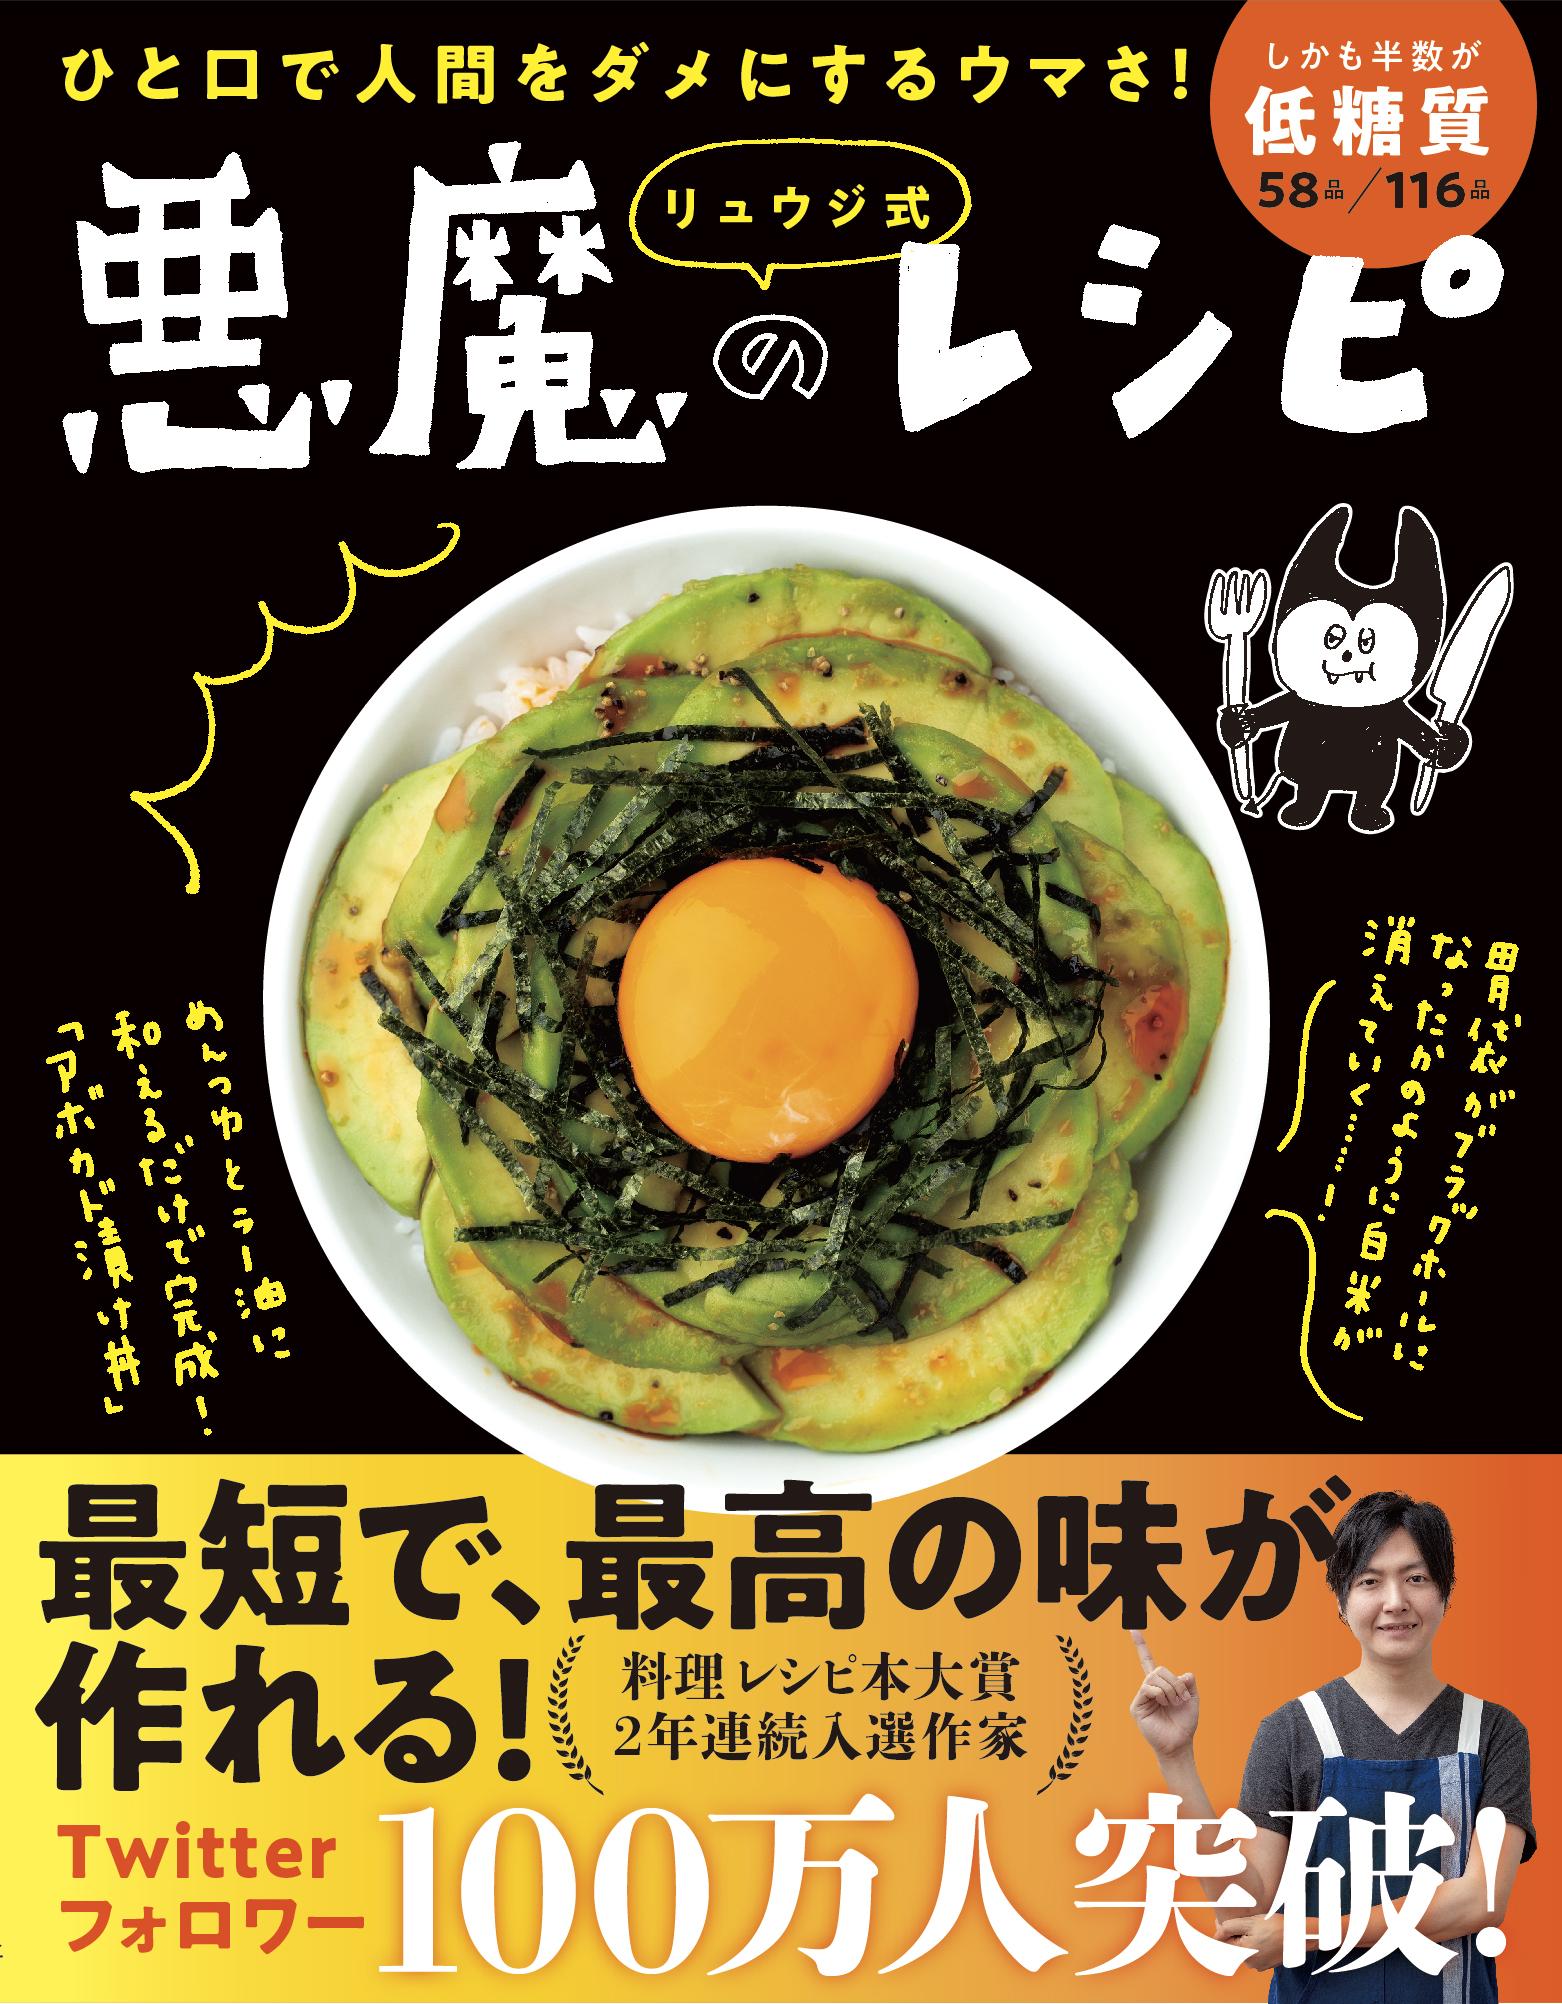 「重版決定!『リュウジ式悪魔のレシピ』」記事アイキャッチ画像